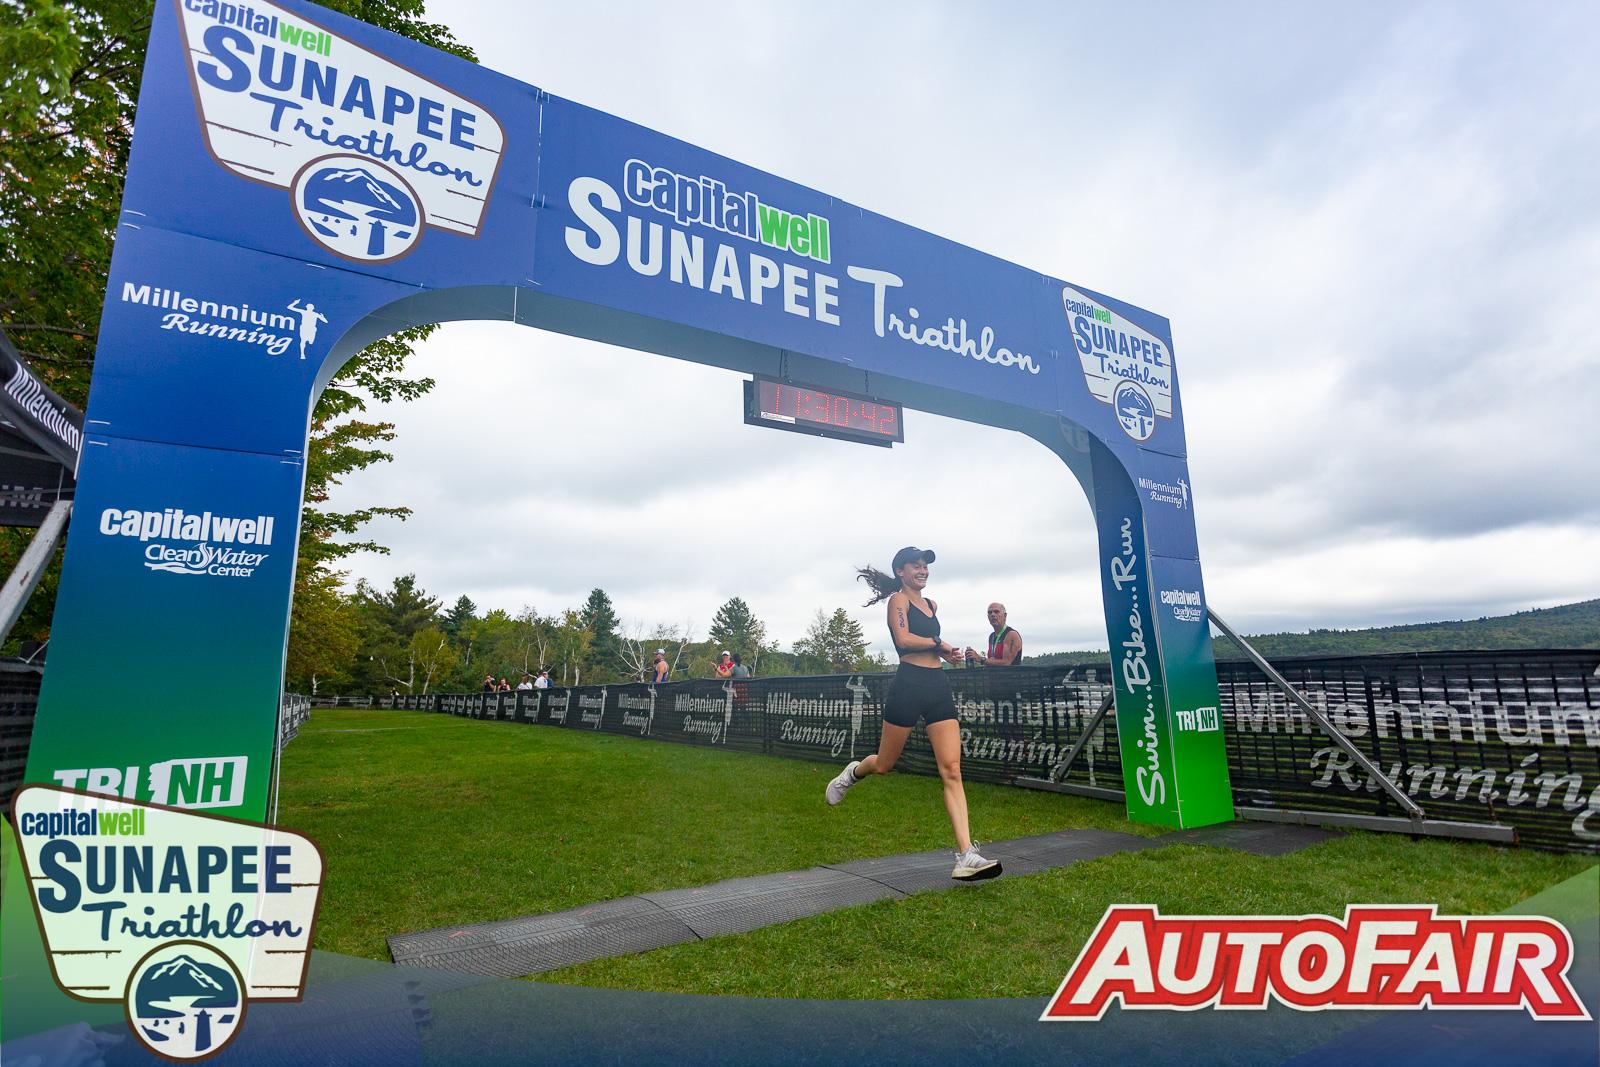 PHOTOS: Capital Well Sunapee Triathlon – 2021